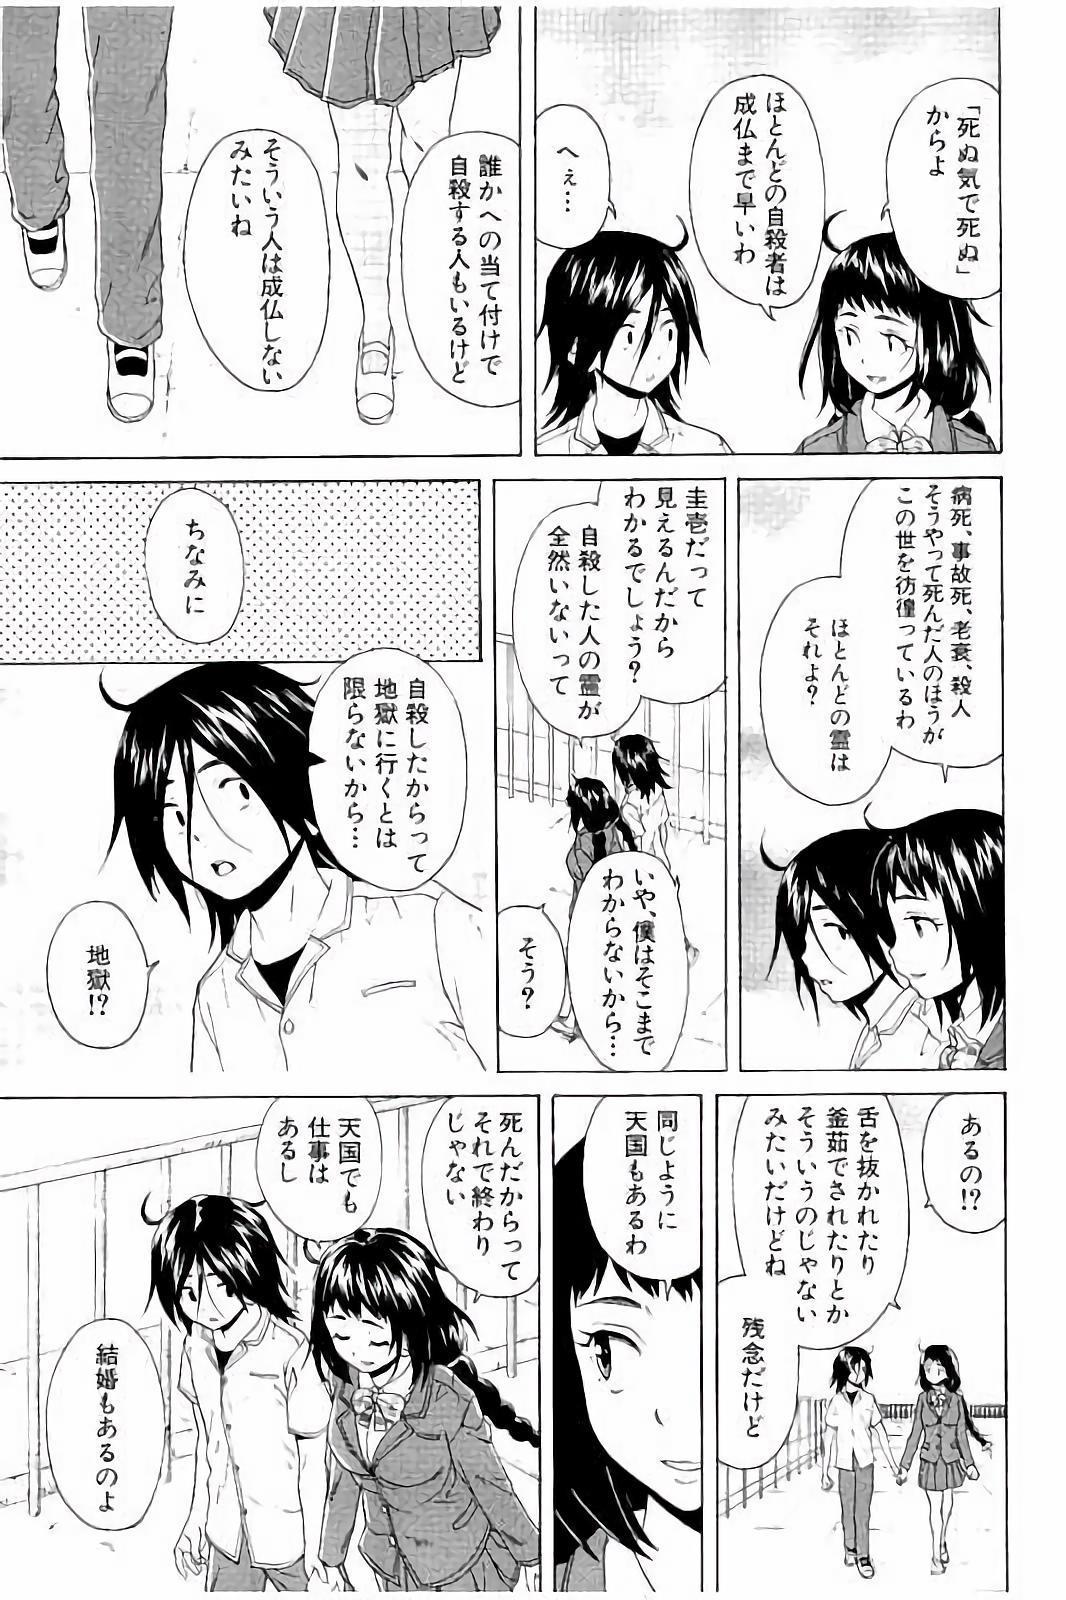 Ane no Himitsu To Boku no Jisatsu 152